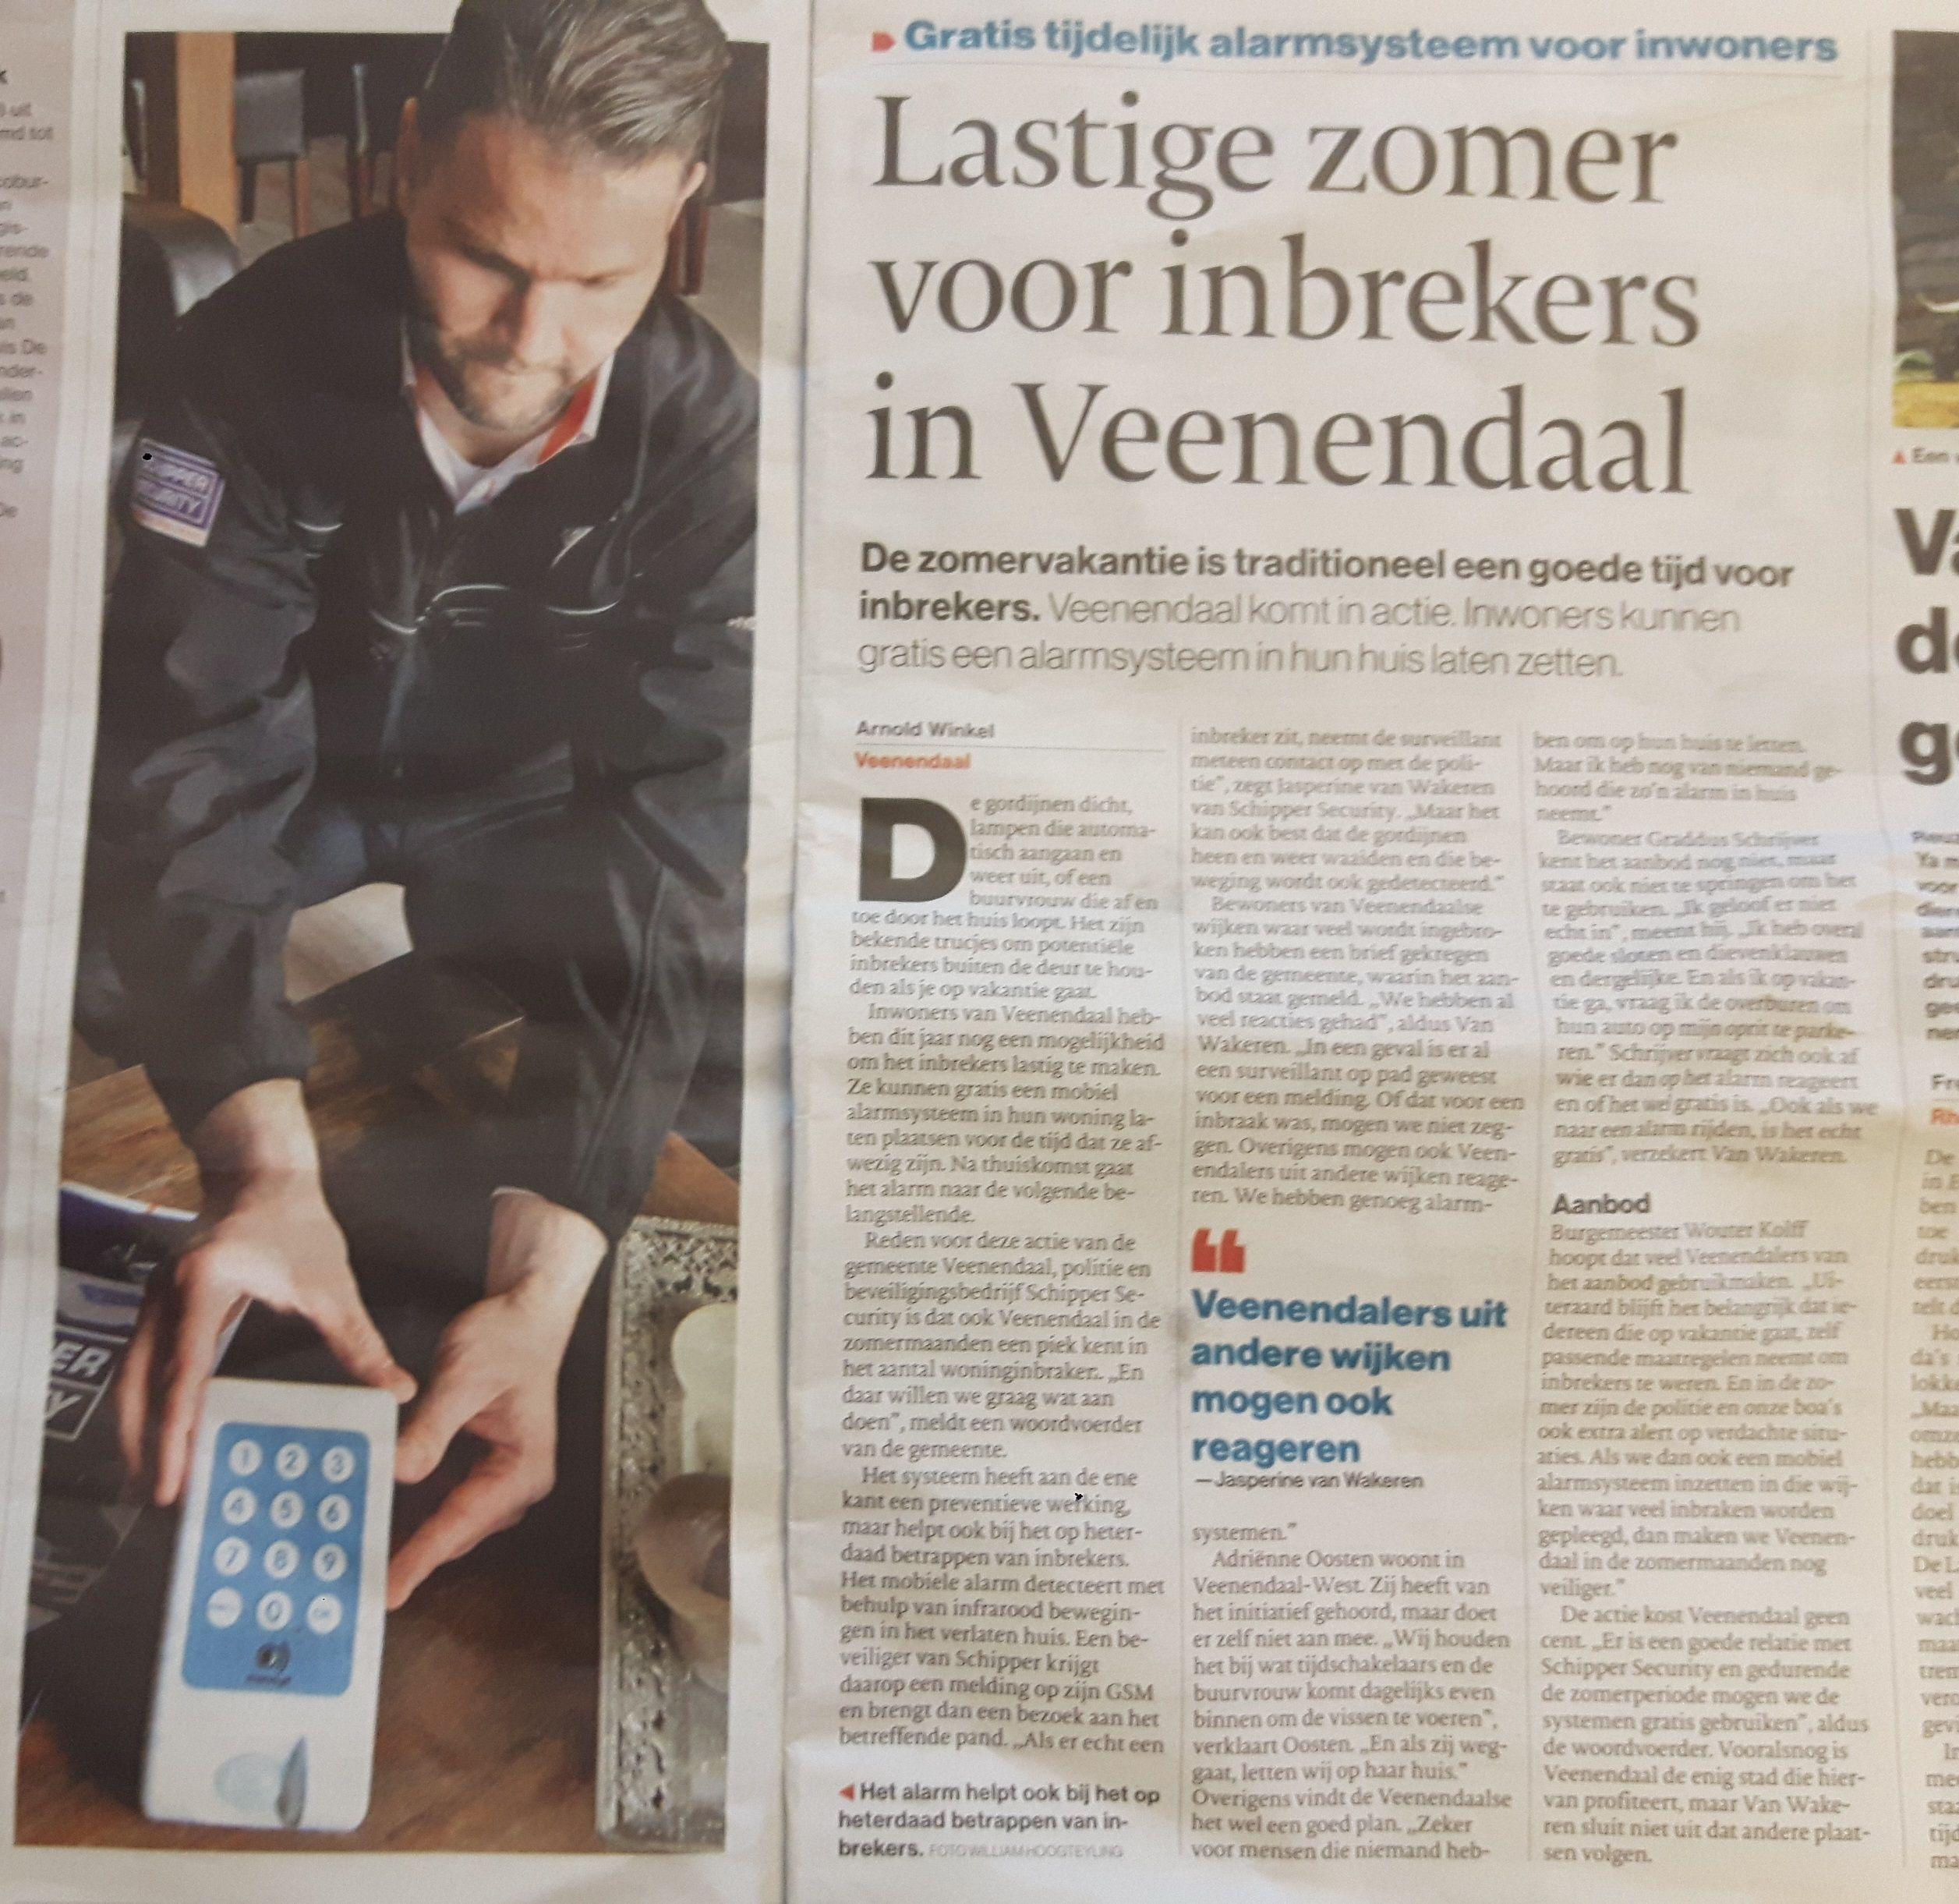 Lastige zomer voor inbrekers in Veenendaal